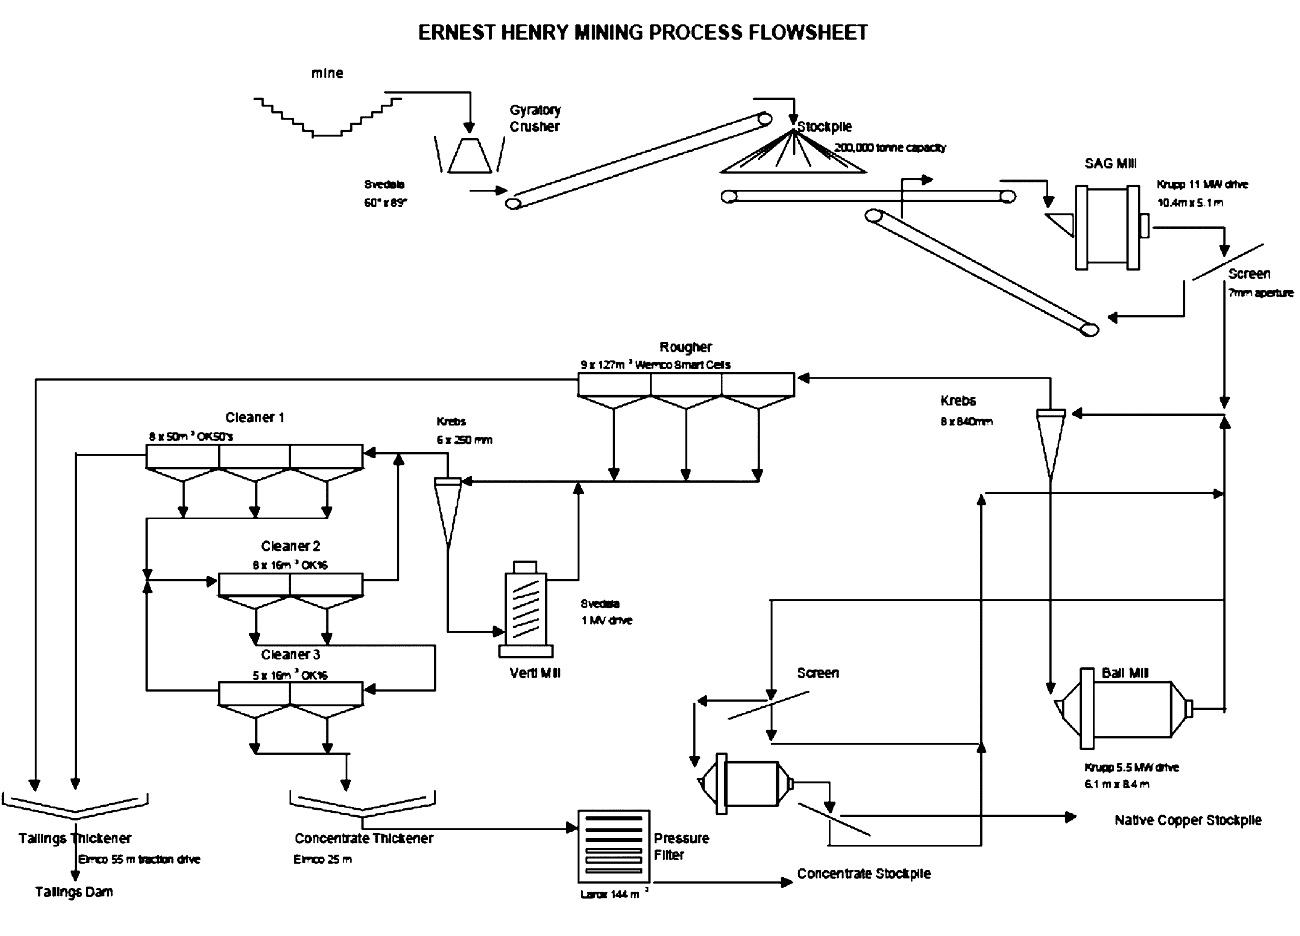 Fig. 2. Typical process flow chart copper ore (Metso). // Bild 2. Typisches Verfahrensfließbild für Kupfererz (Metso)